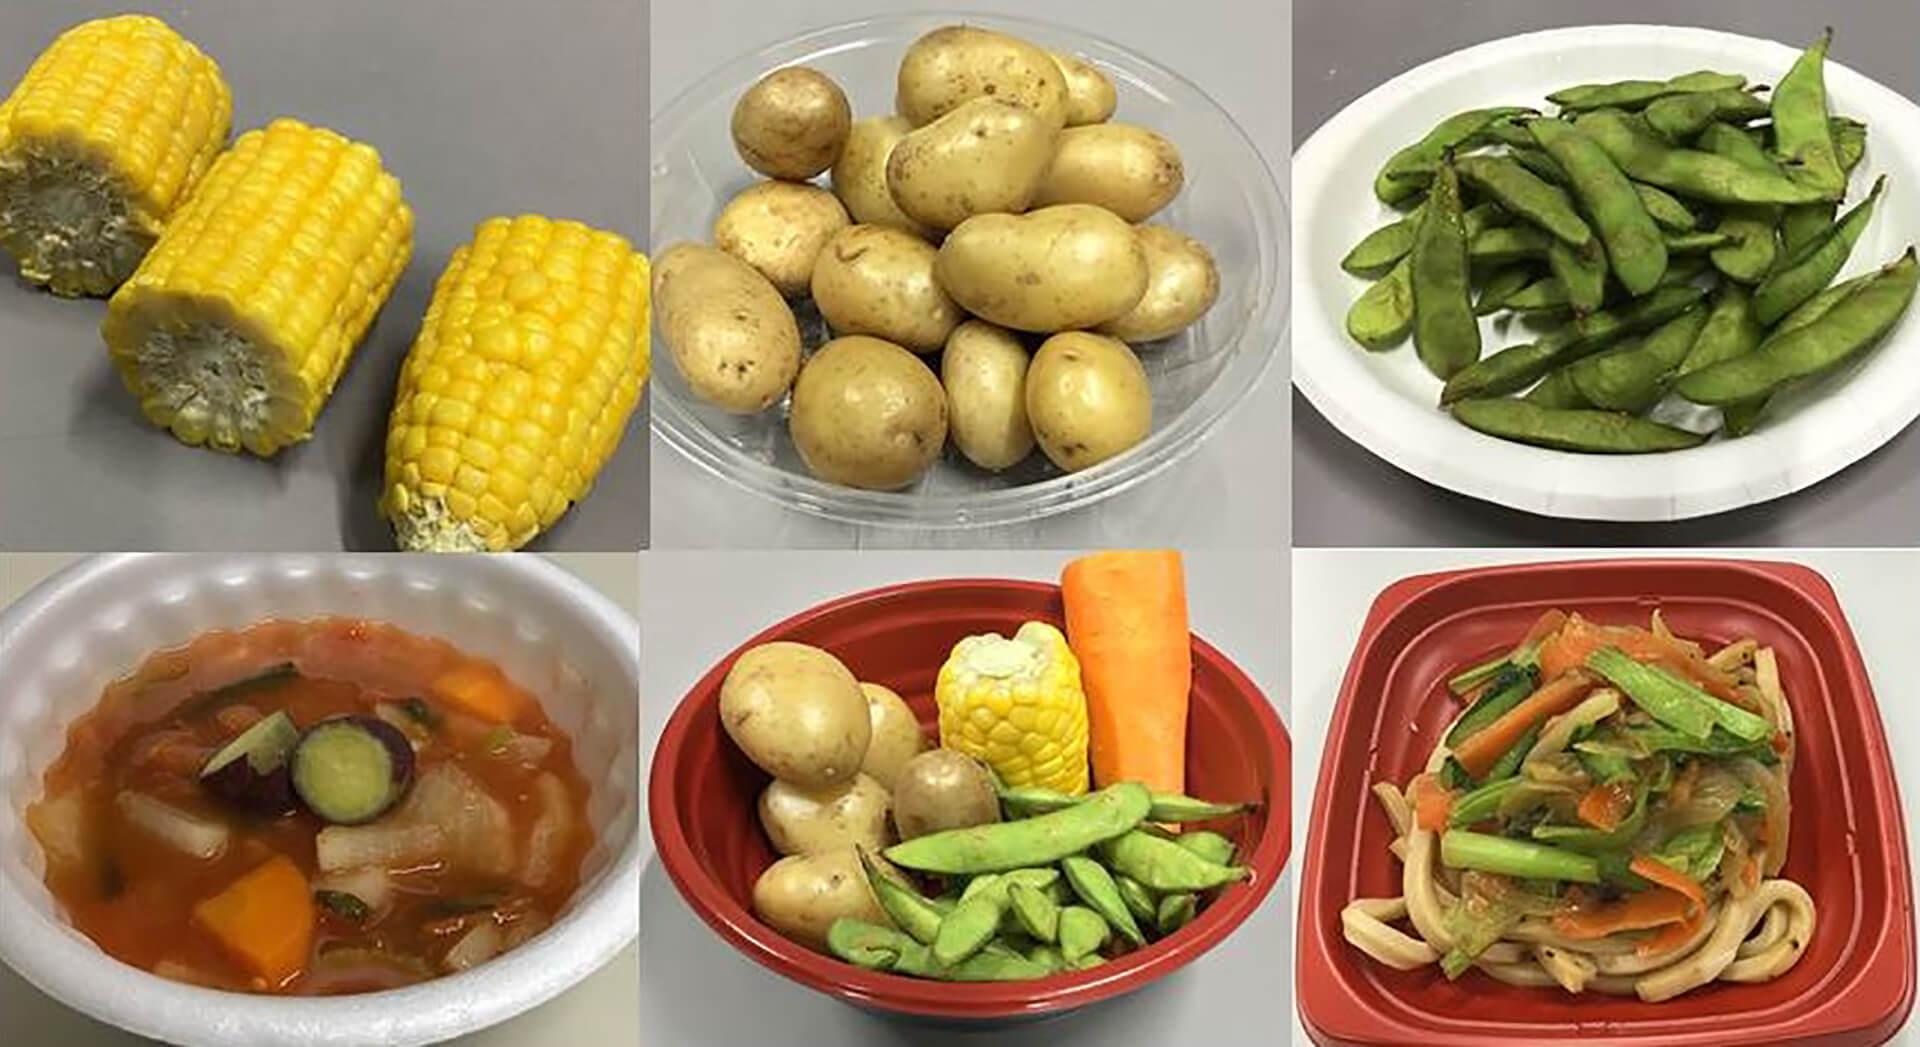 この写真は、いろいろな野菜のイメージ